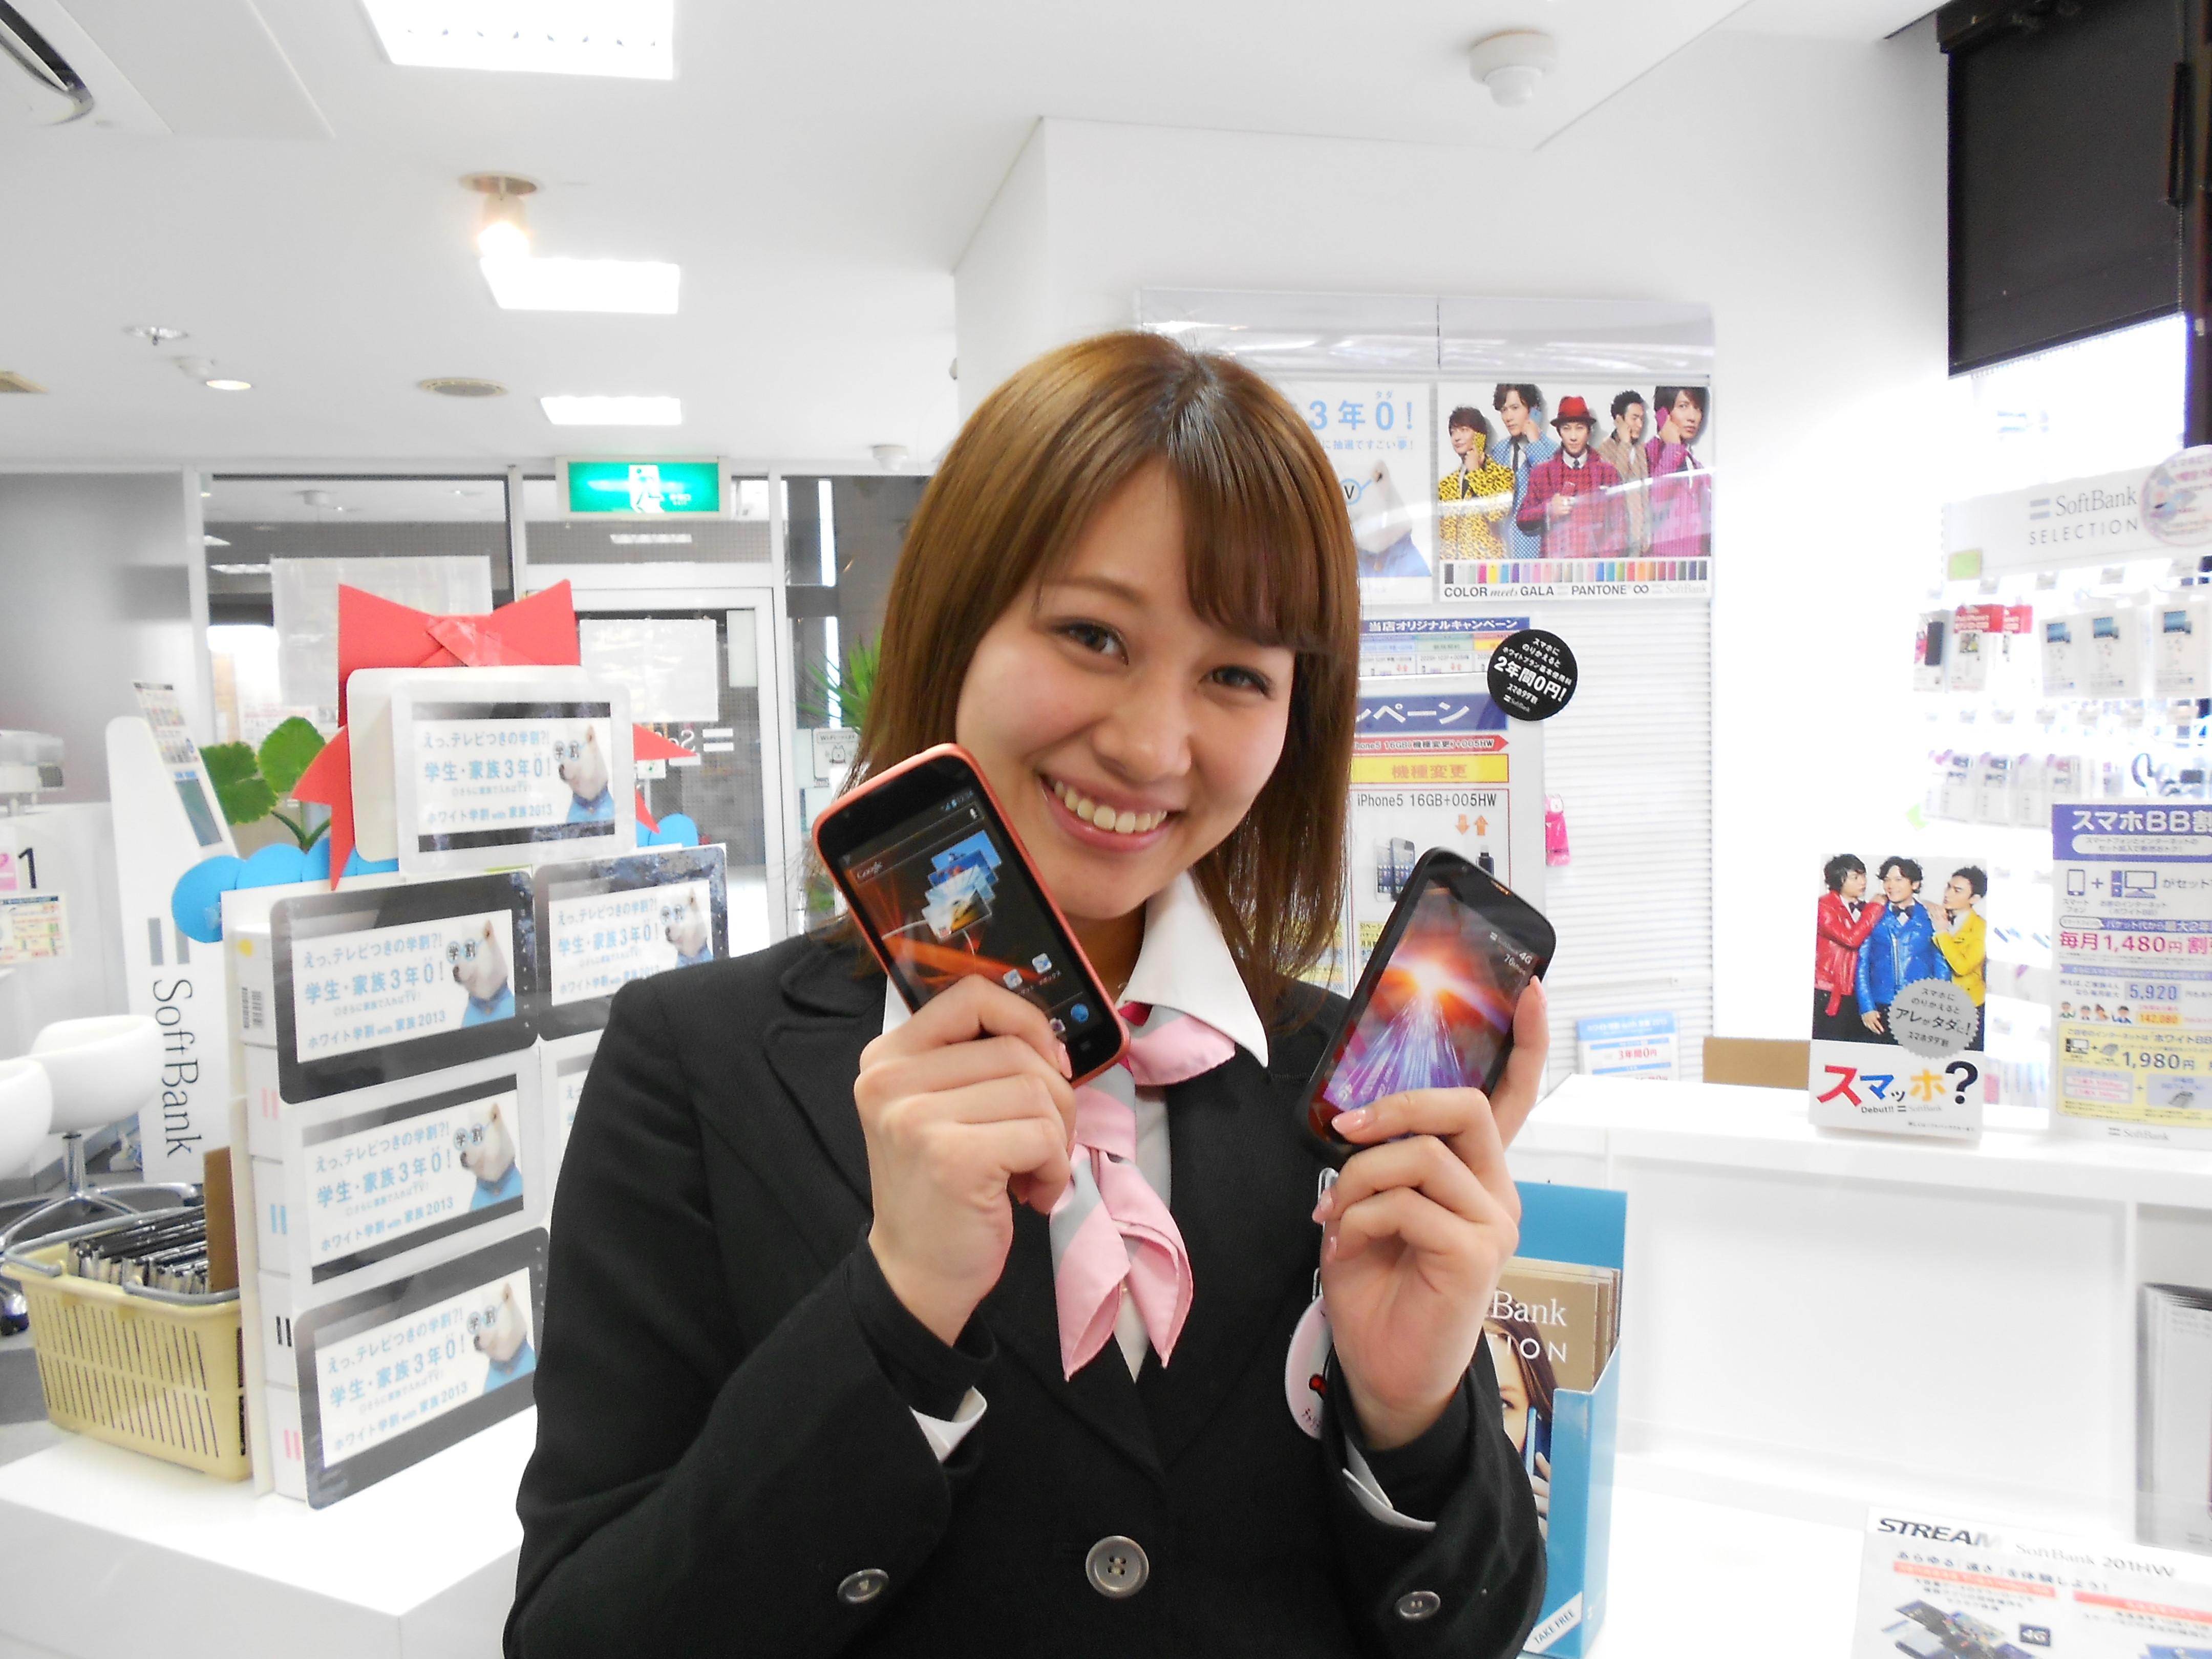 ワイモバイル 鶴見(株式会社シエロ)のアルバイト情報